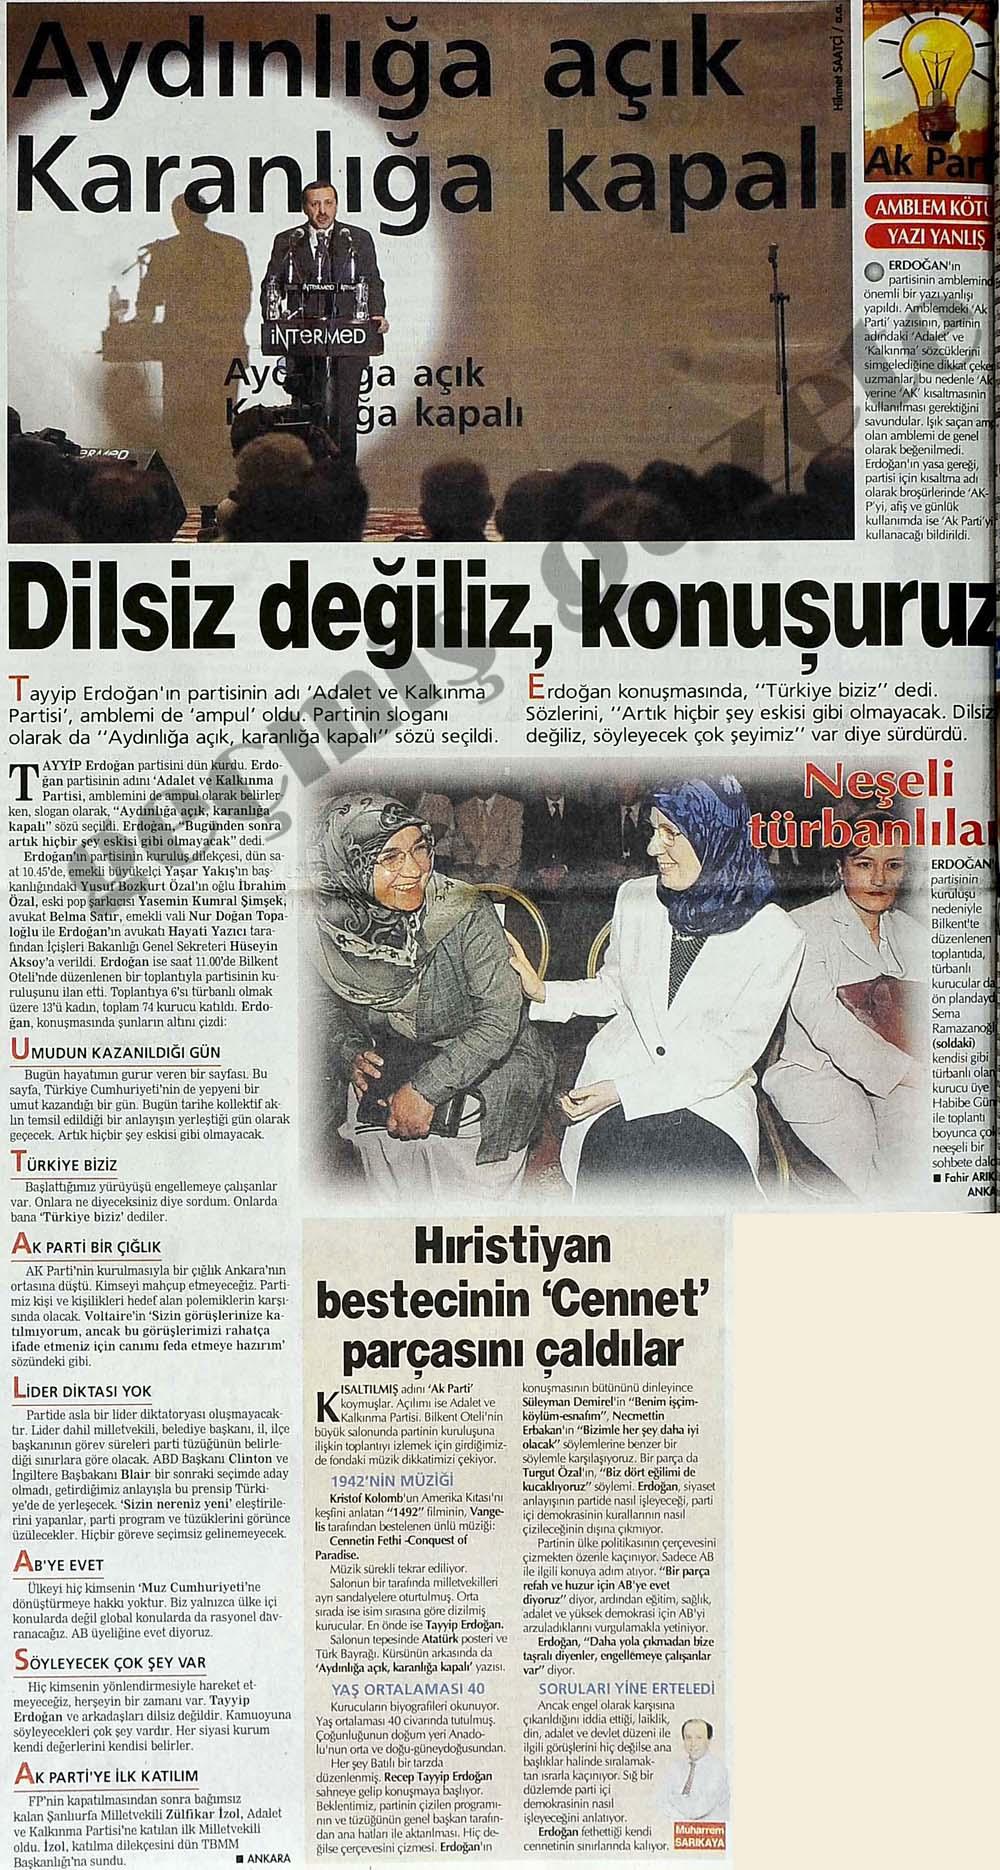 Tayyip Erdoğan'ın partisinin adı 'Adalet ve Kalkınma Partisi', amblemi de 'ampul' oldu